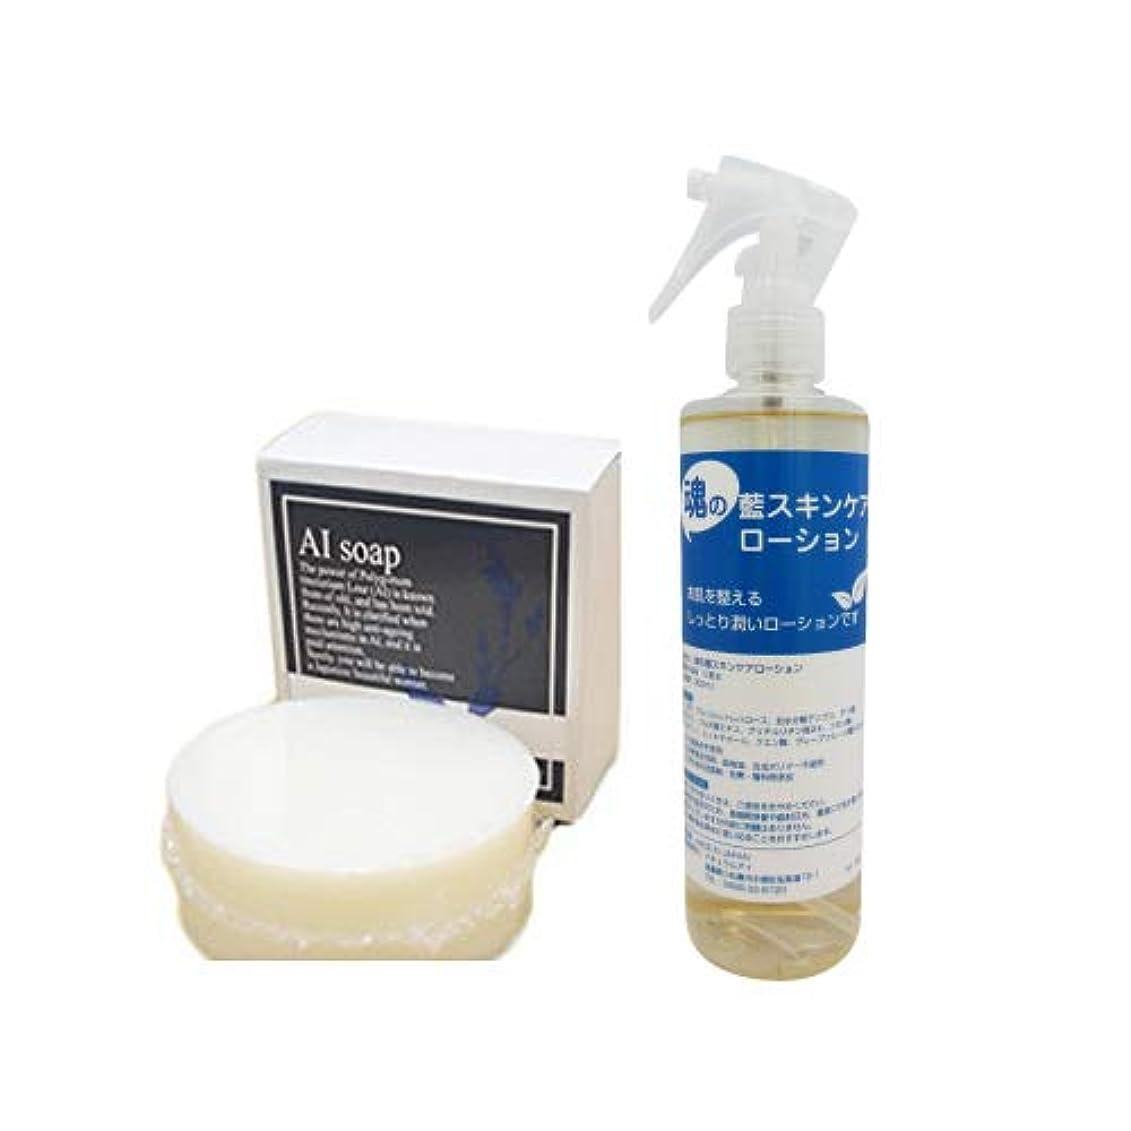 無法者限定メンテナンス藍石鹸(AIソープ)100g+藍スキンケアローション300mlセット 美肌の「藍」セット(無添加ノンケミカル)肌乾燥?肌トラブルにおススメ